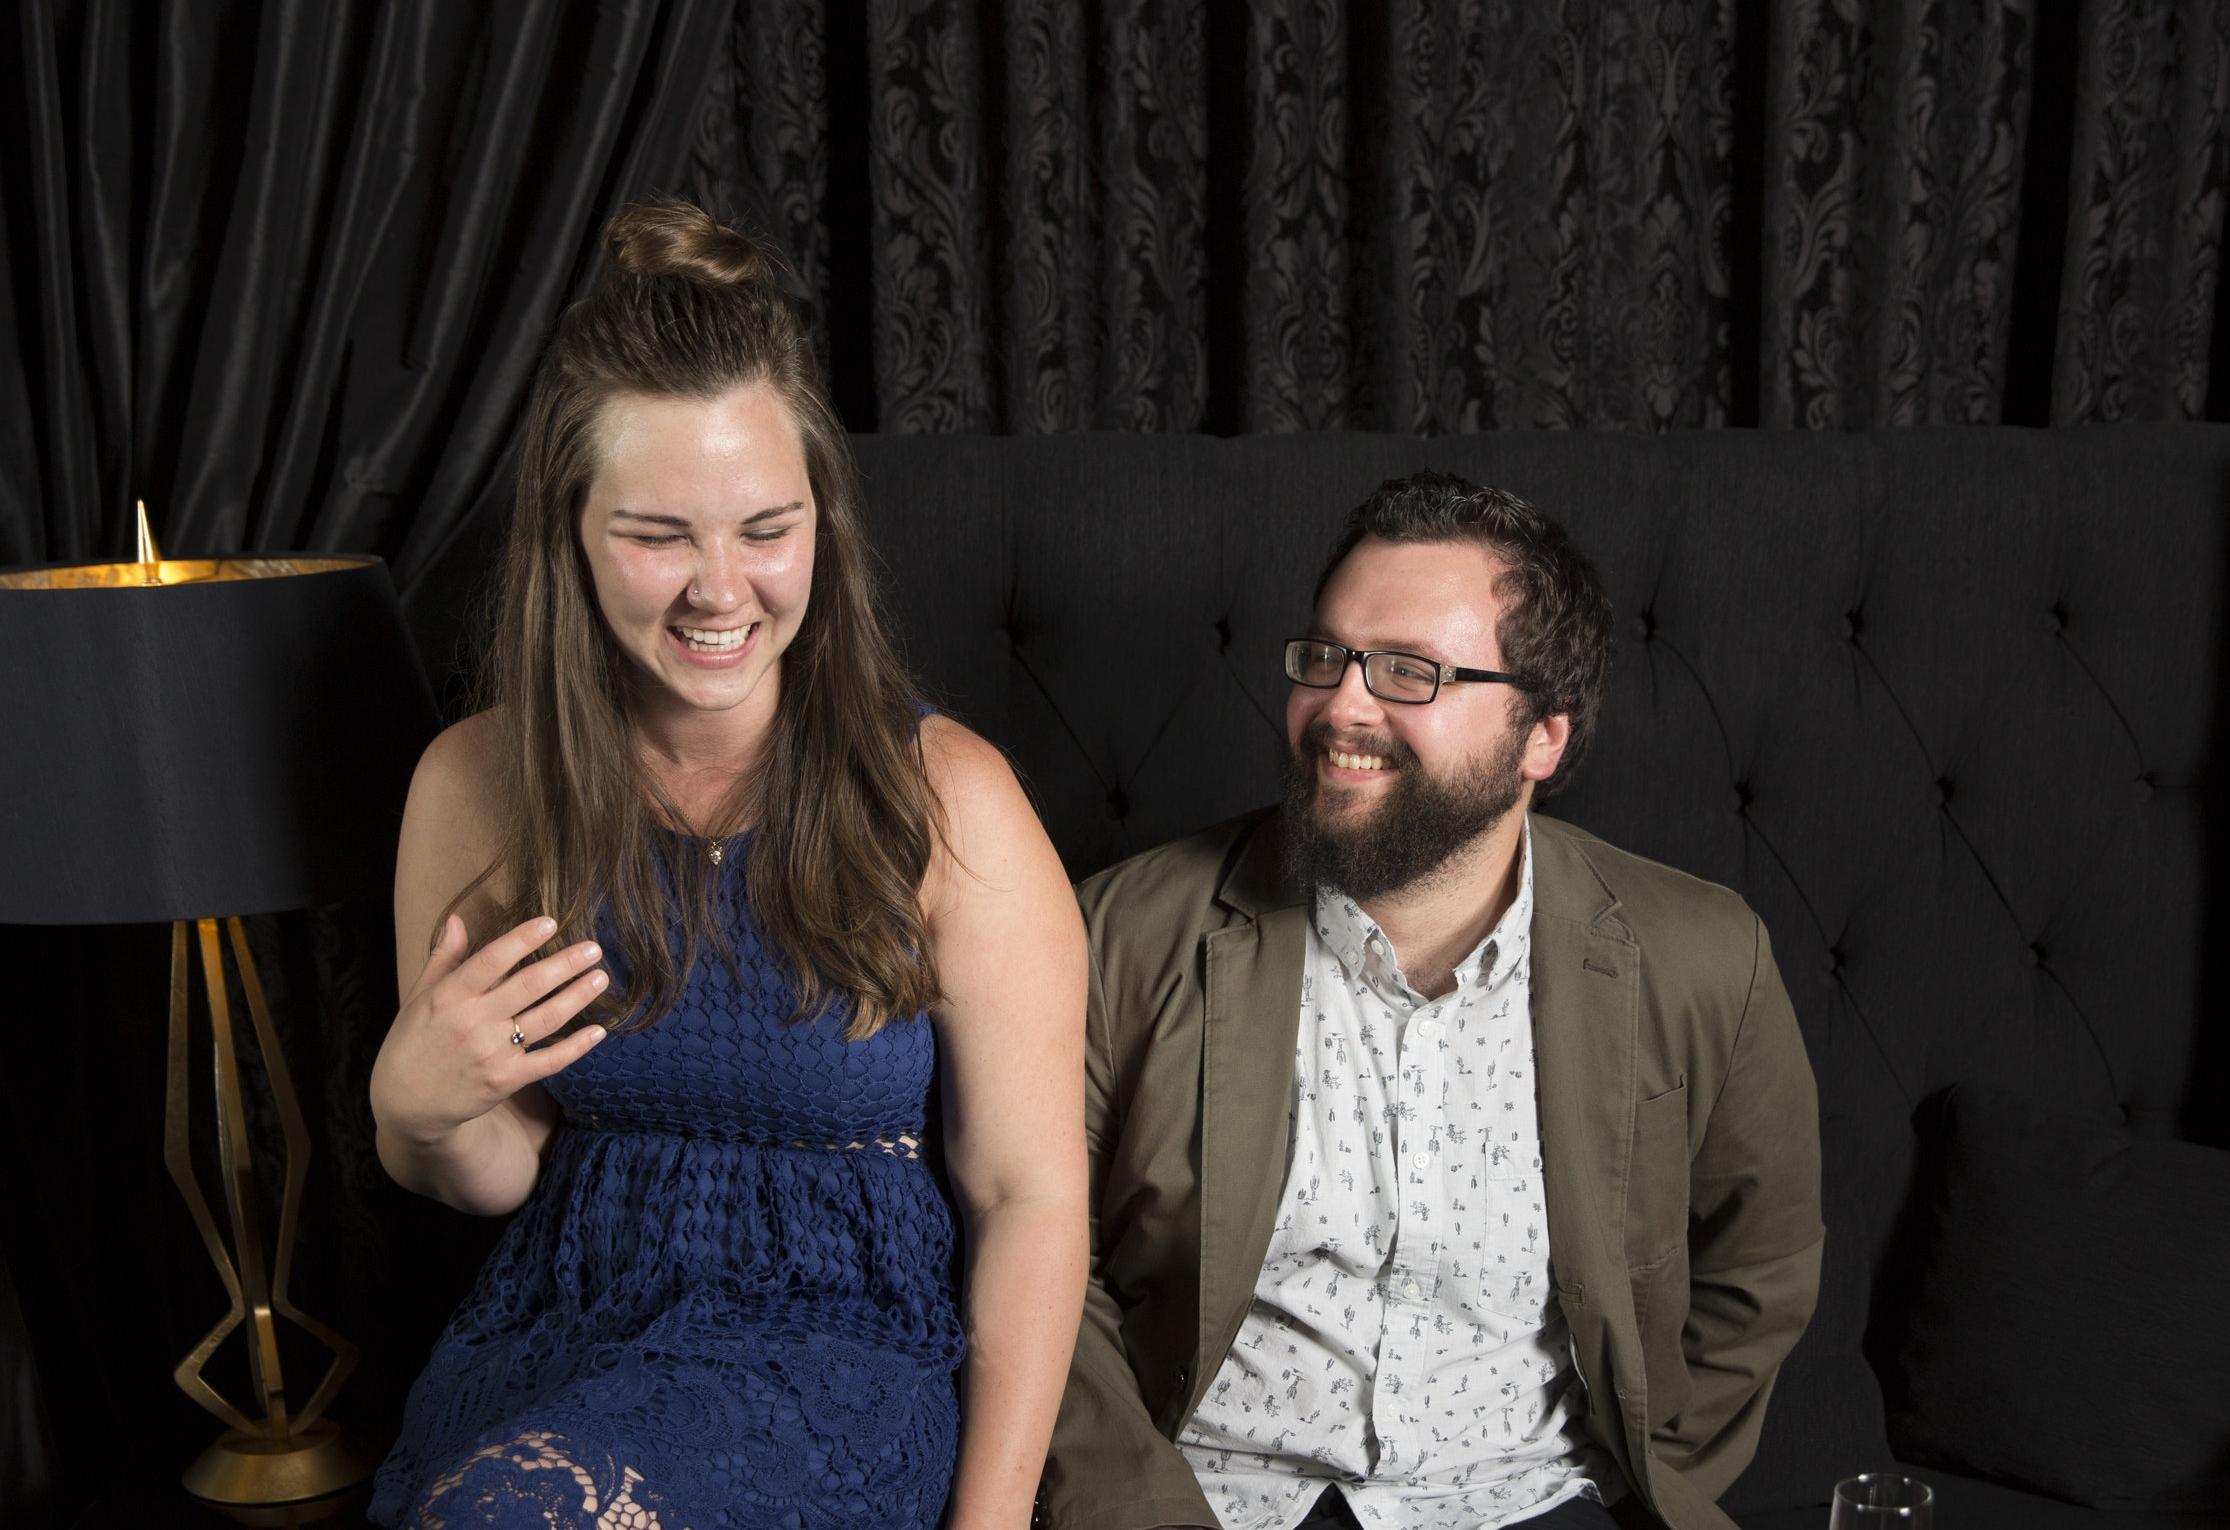 Kristen with Josh, her boyfriend of 7 years.